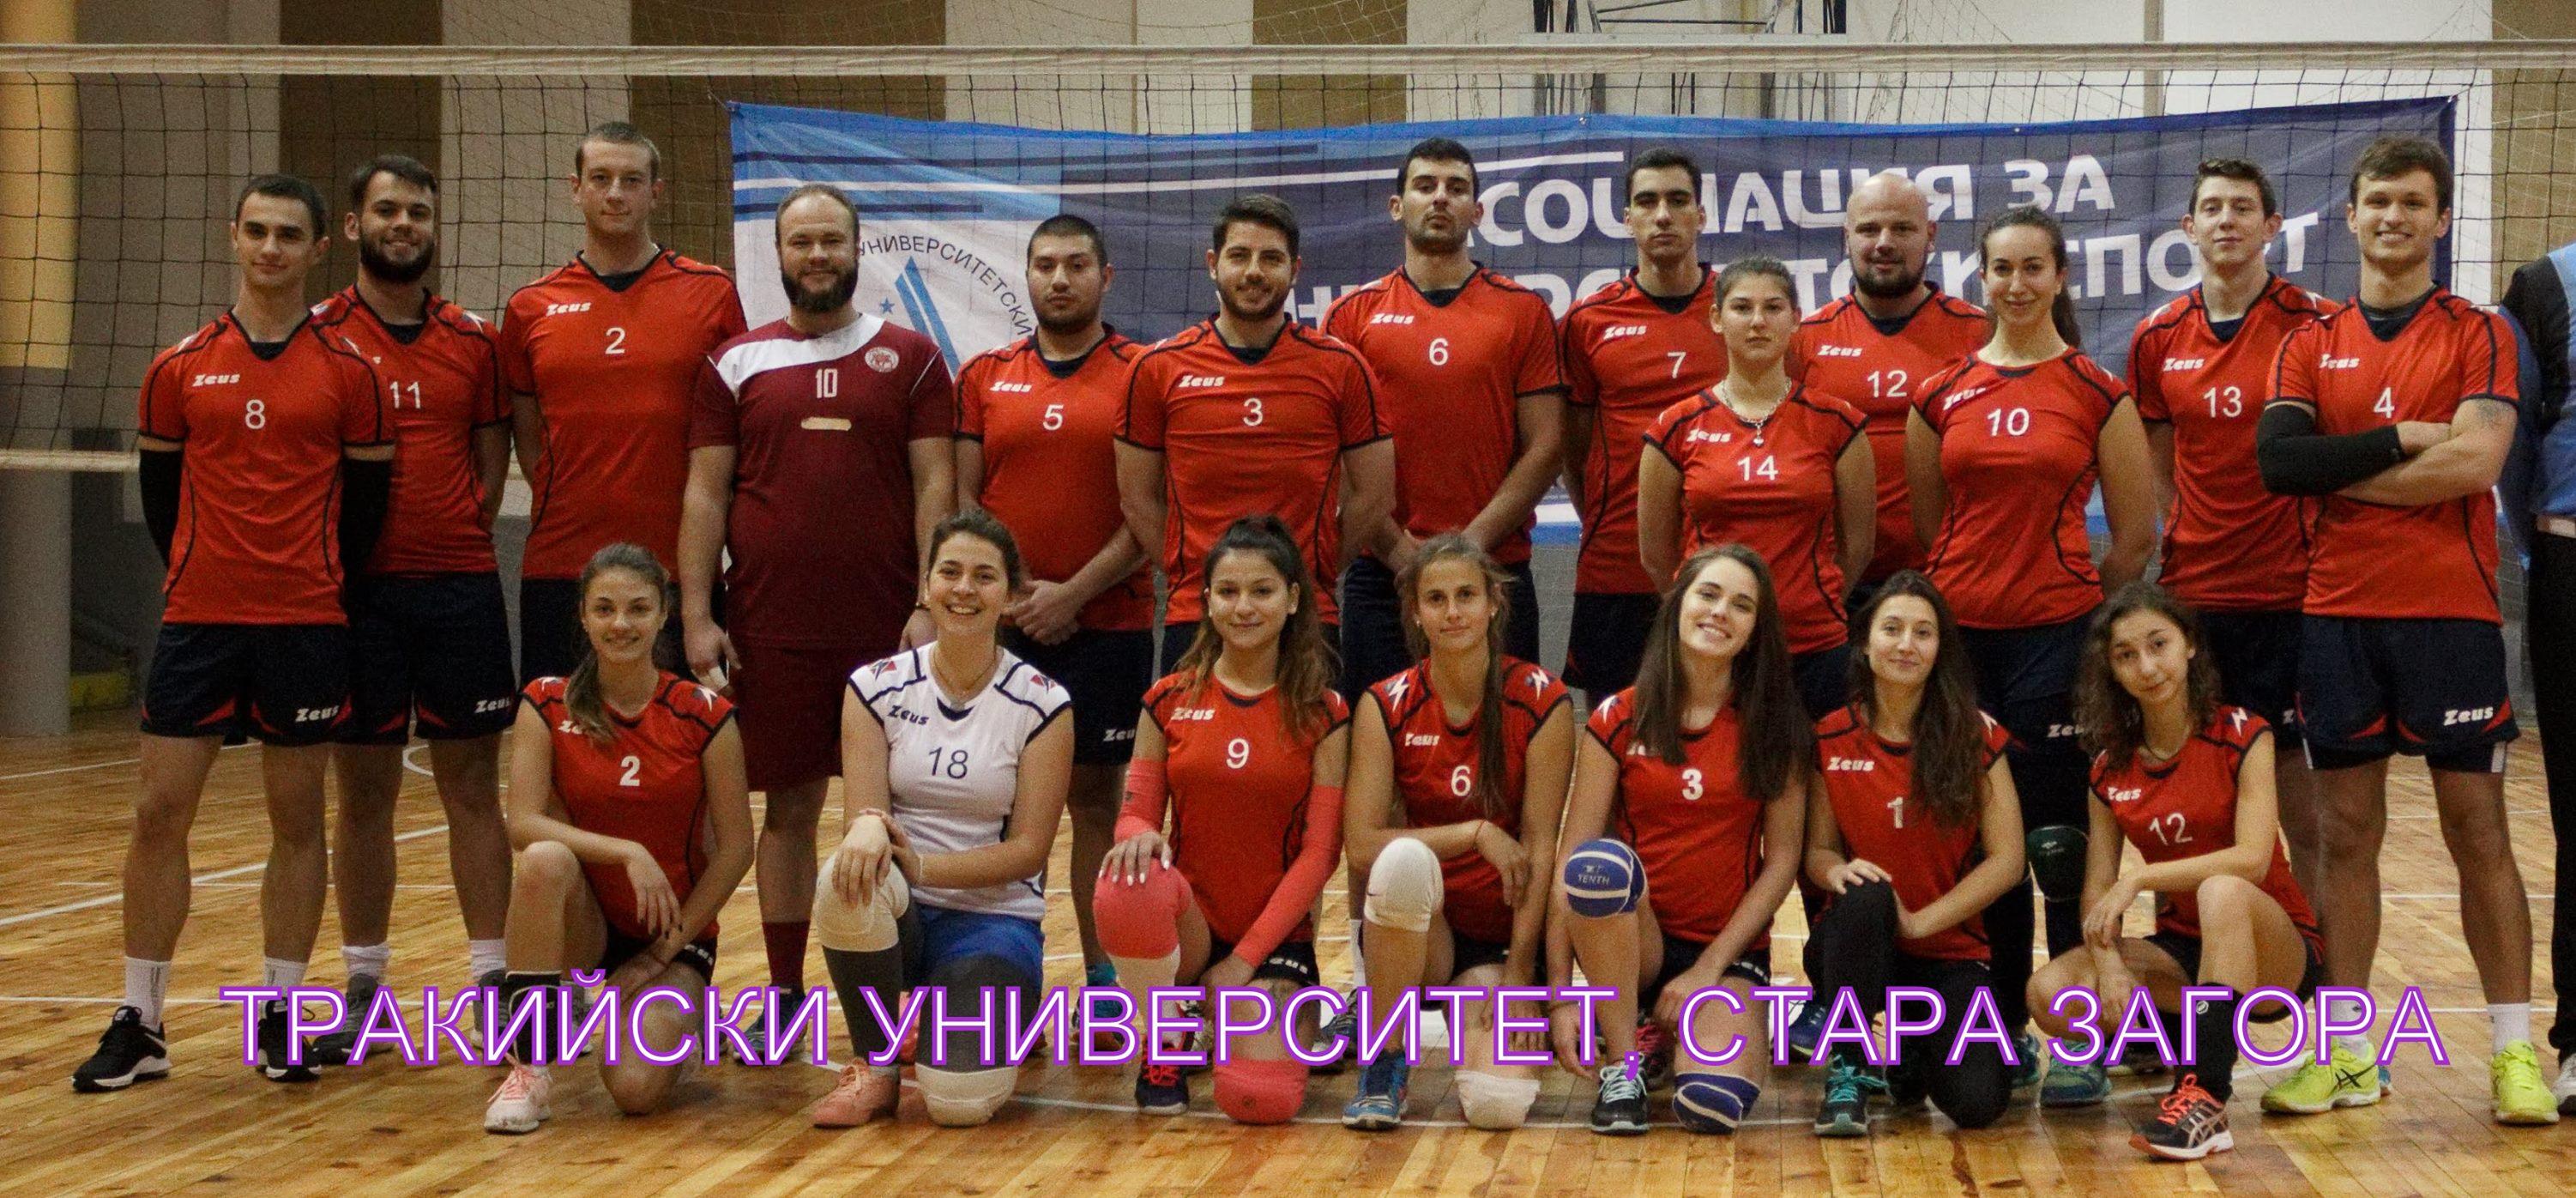 Участие във волейболни срещи на зона Пловдив от календара на националния университетски шампионат.